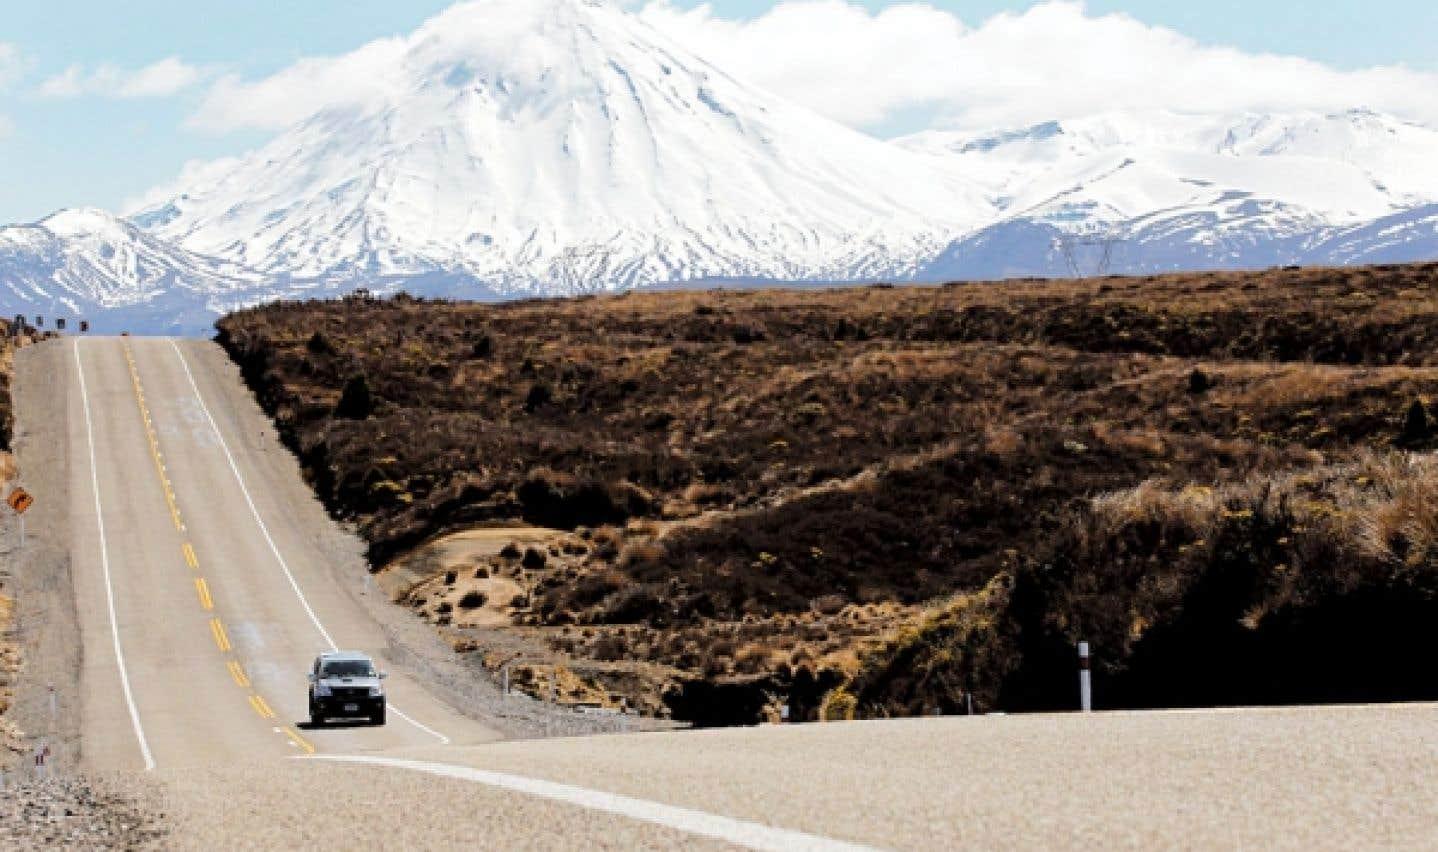 Le parc national Tongariro est le premier parc national créé en Nouvelle-Zélande et est classé sur la liste du patrimoine mondial de l'UNESCO.